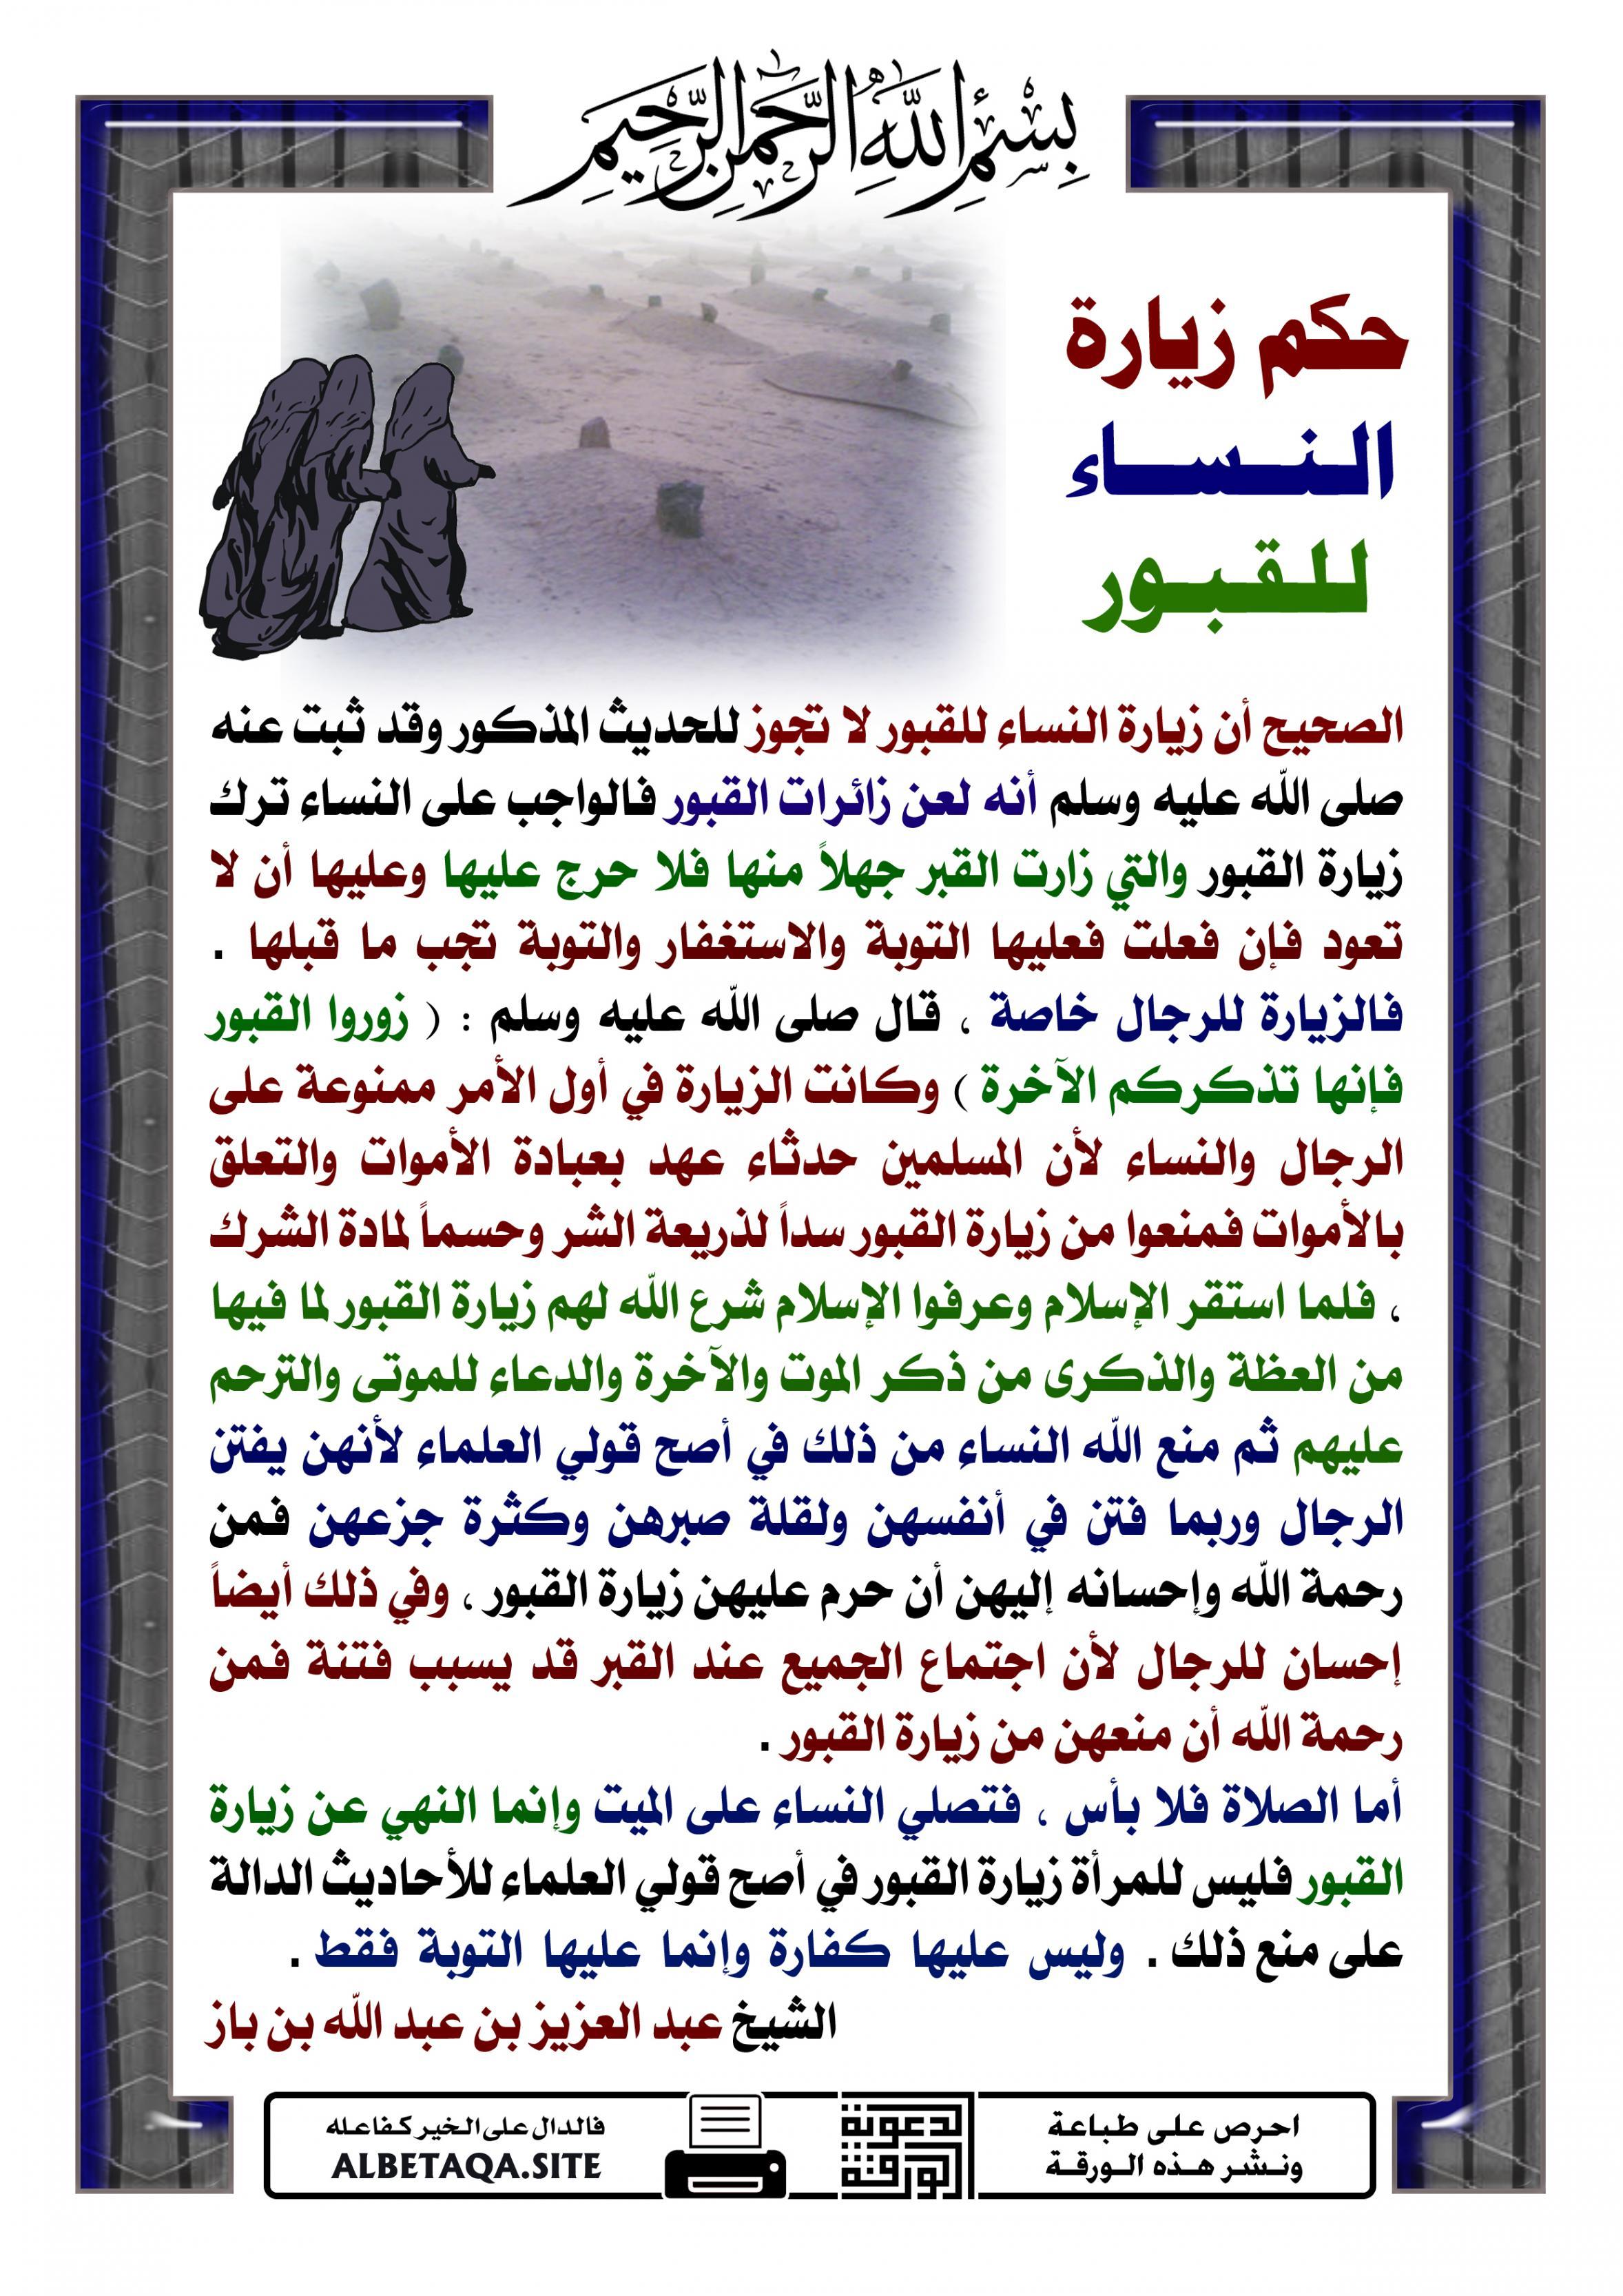 بالصور حكم زيارة القبور , اصل زياره القبور في الشرع 2164 2